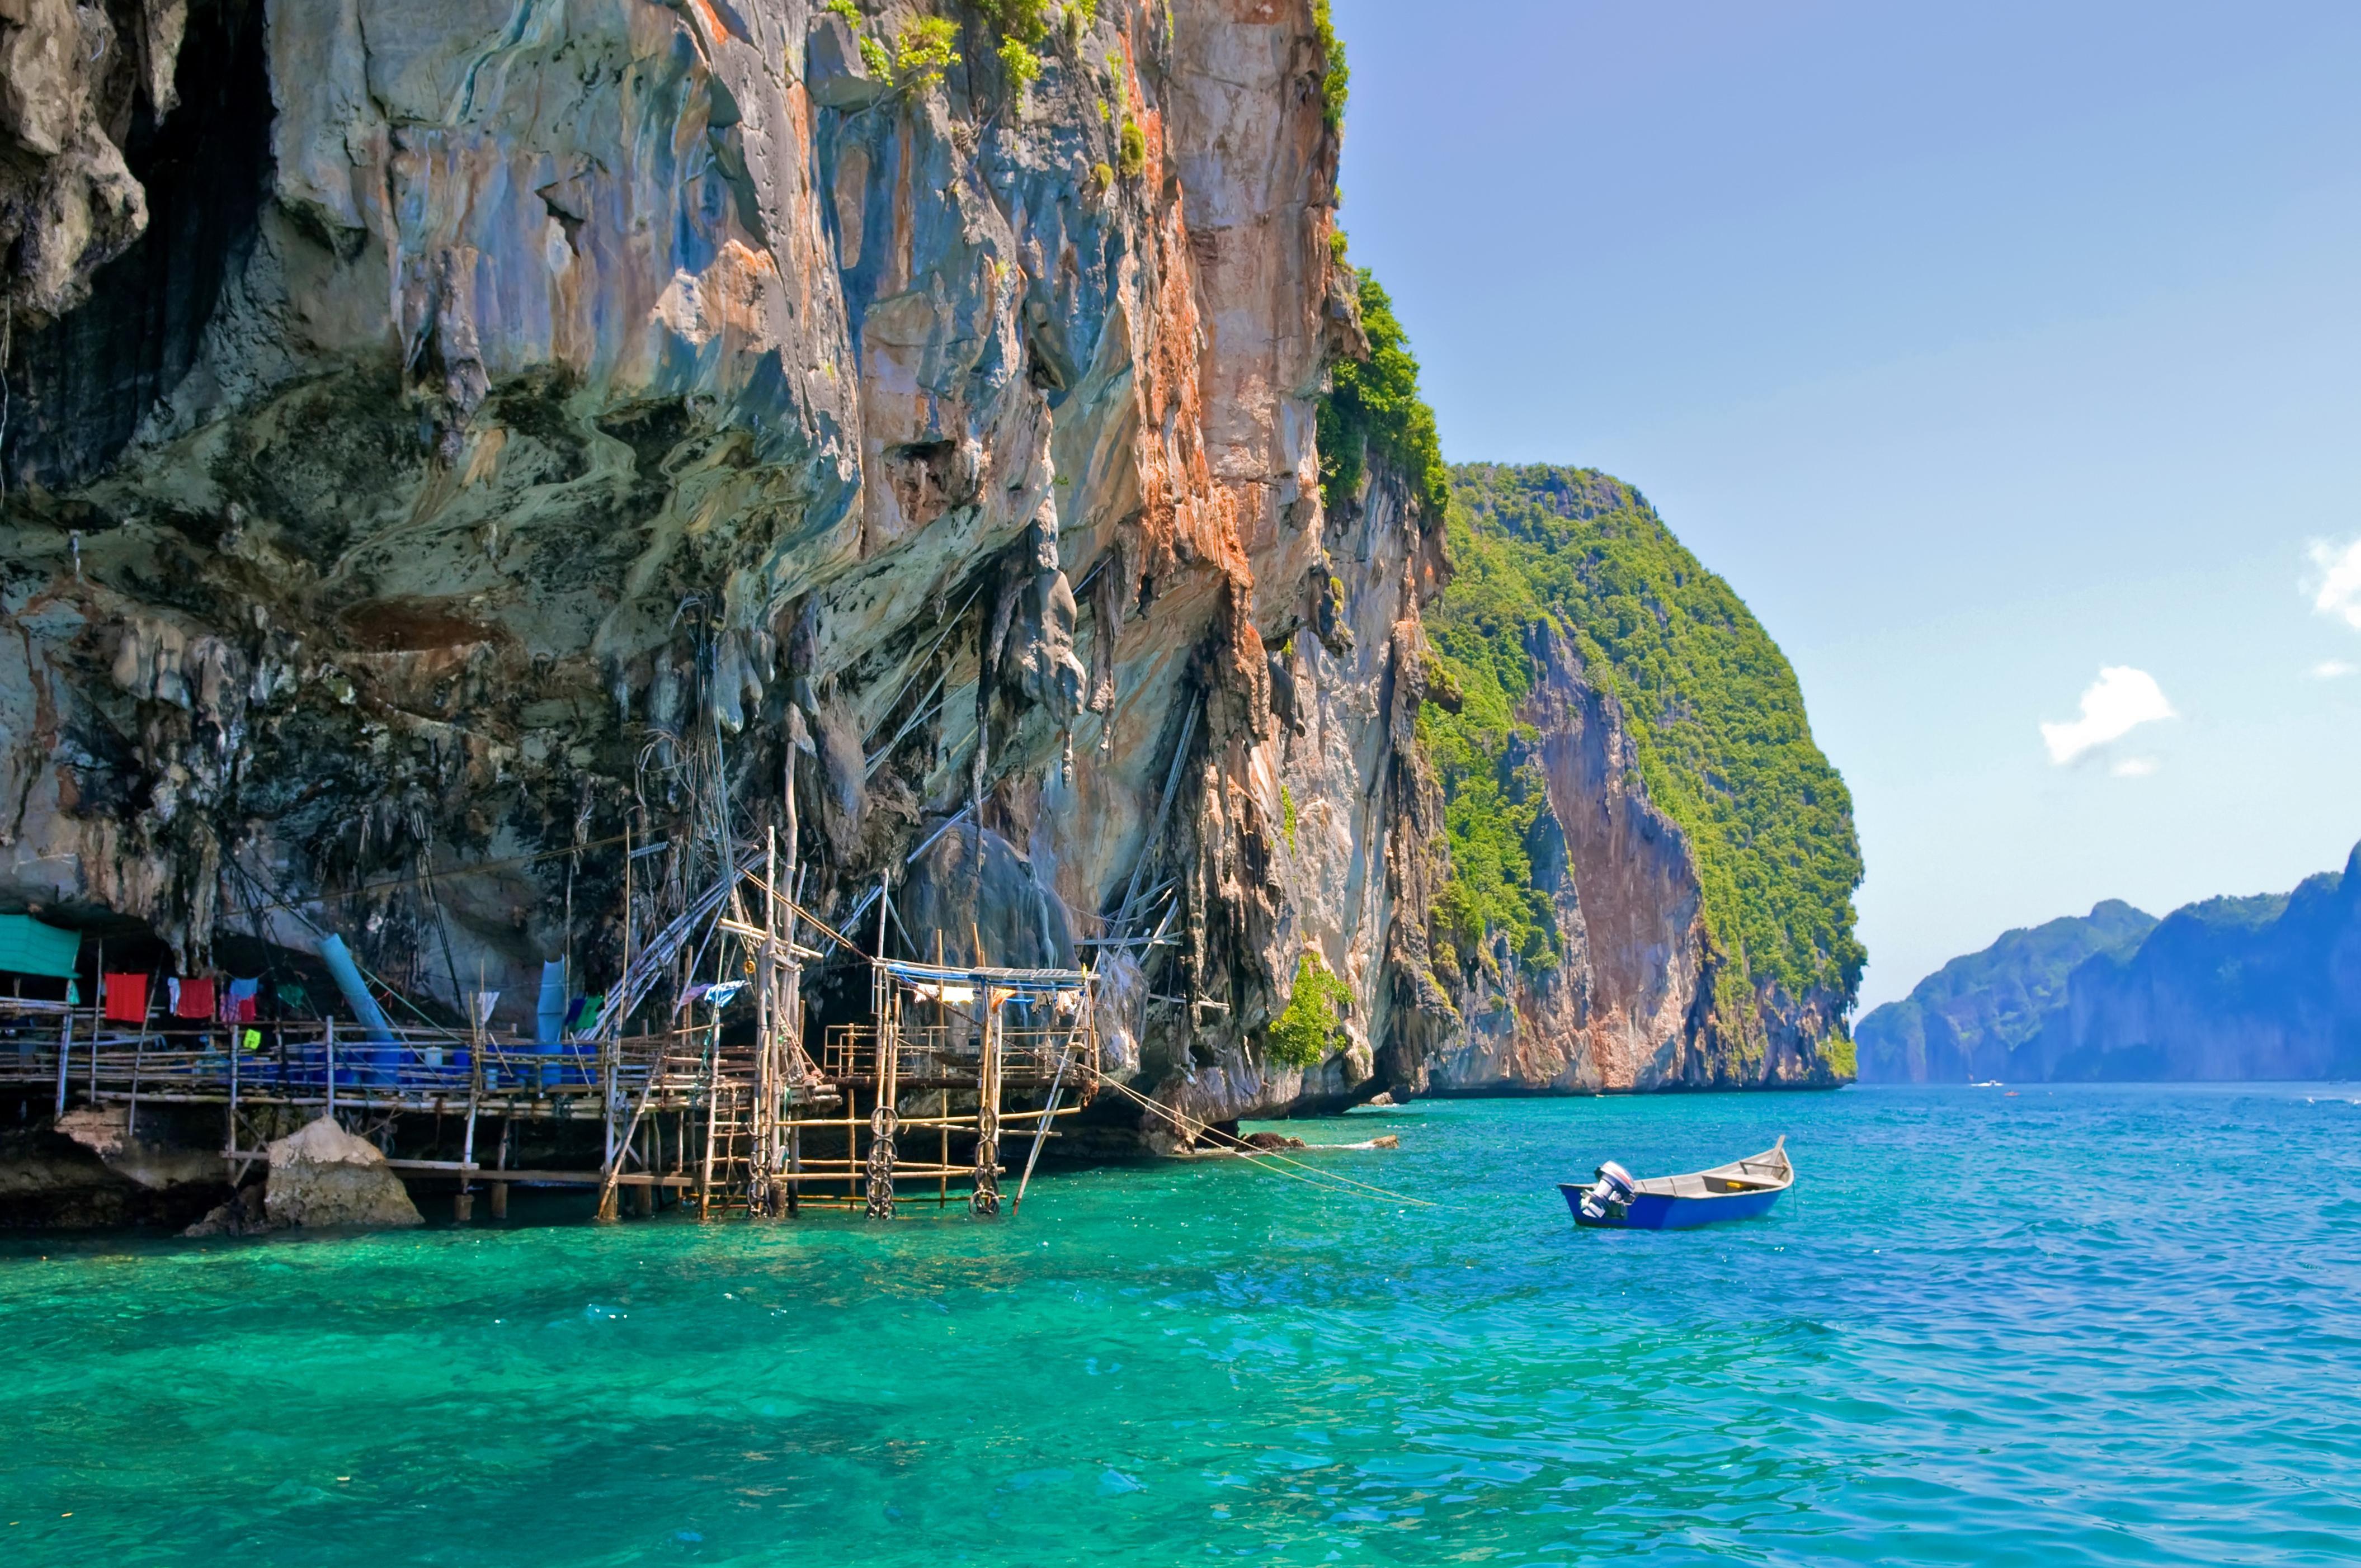 Viking Cave, Phi Phi